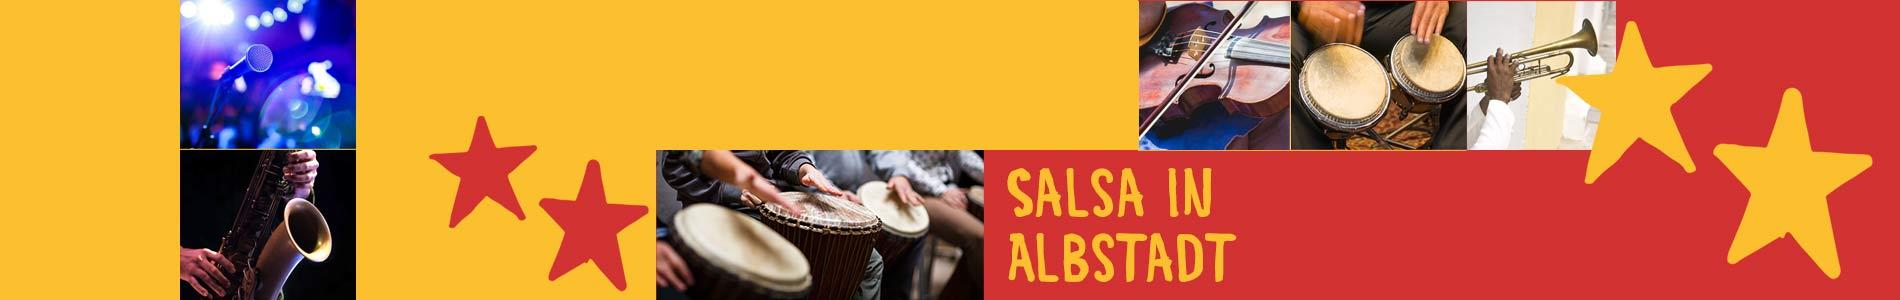 Salsa in Albstadt – Salsa lernen und tanzen, Tanzkurse, Partys, Veranstaltungen